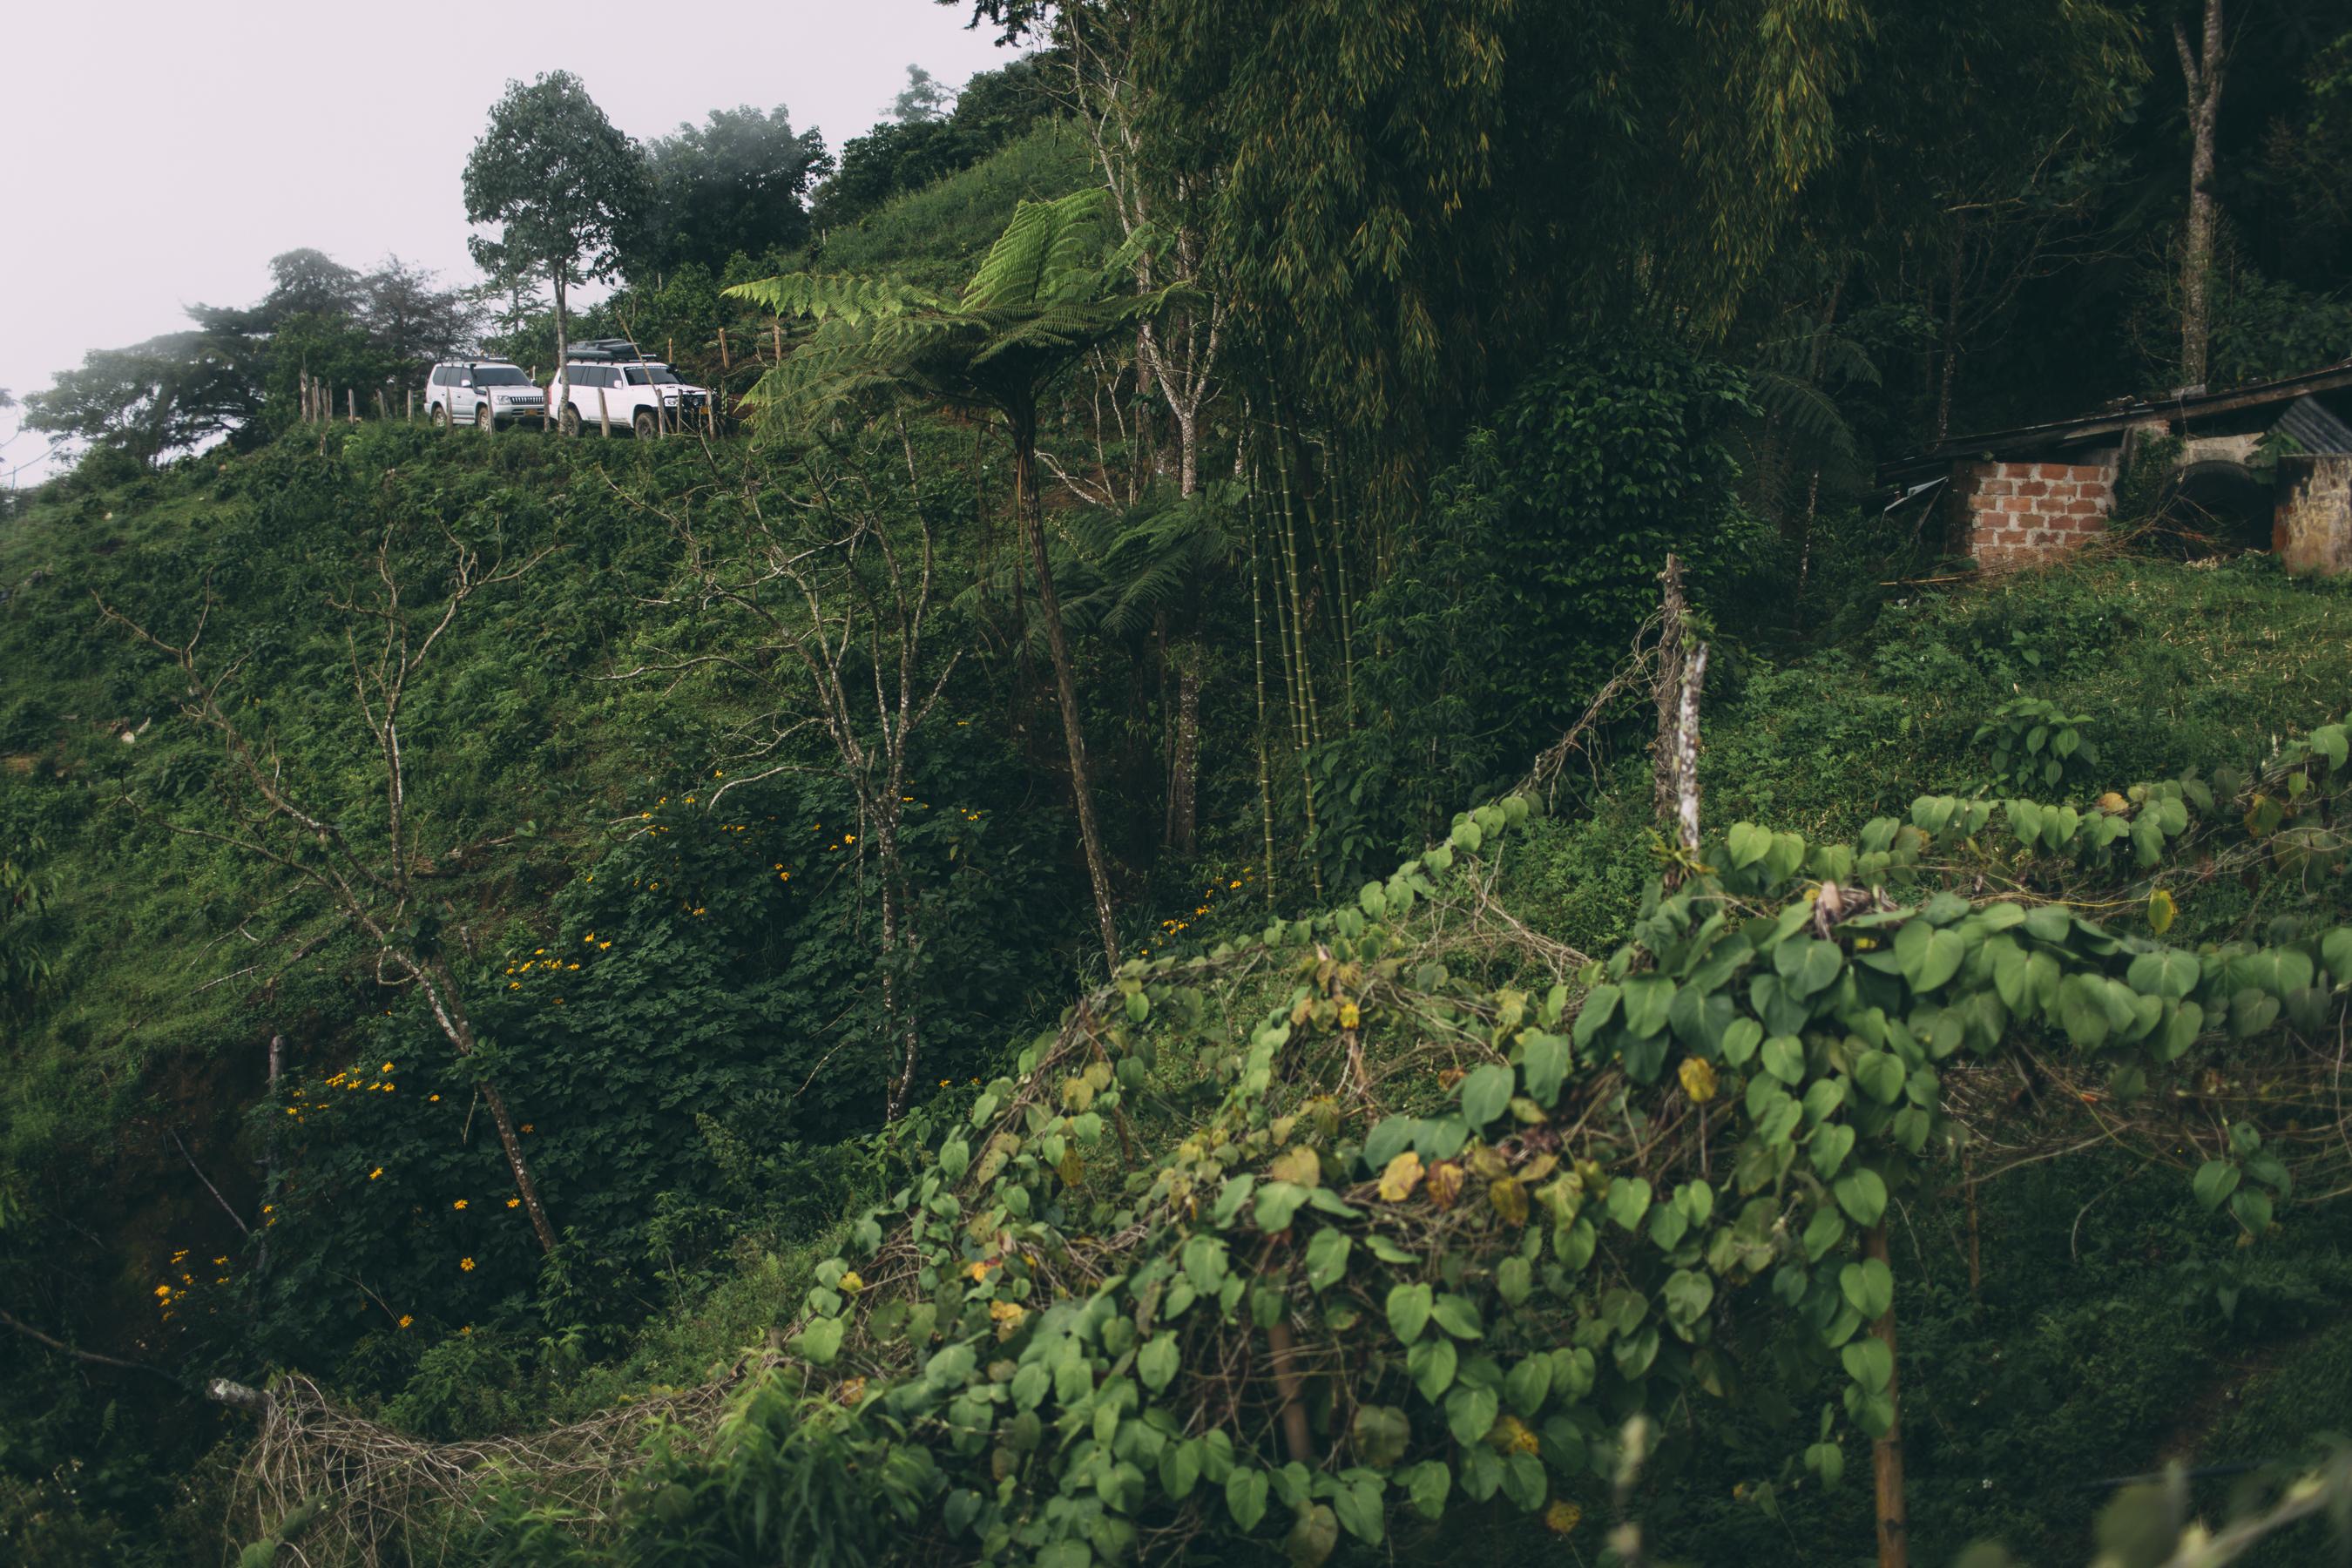 d2g_iguana4x4-26